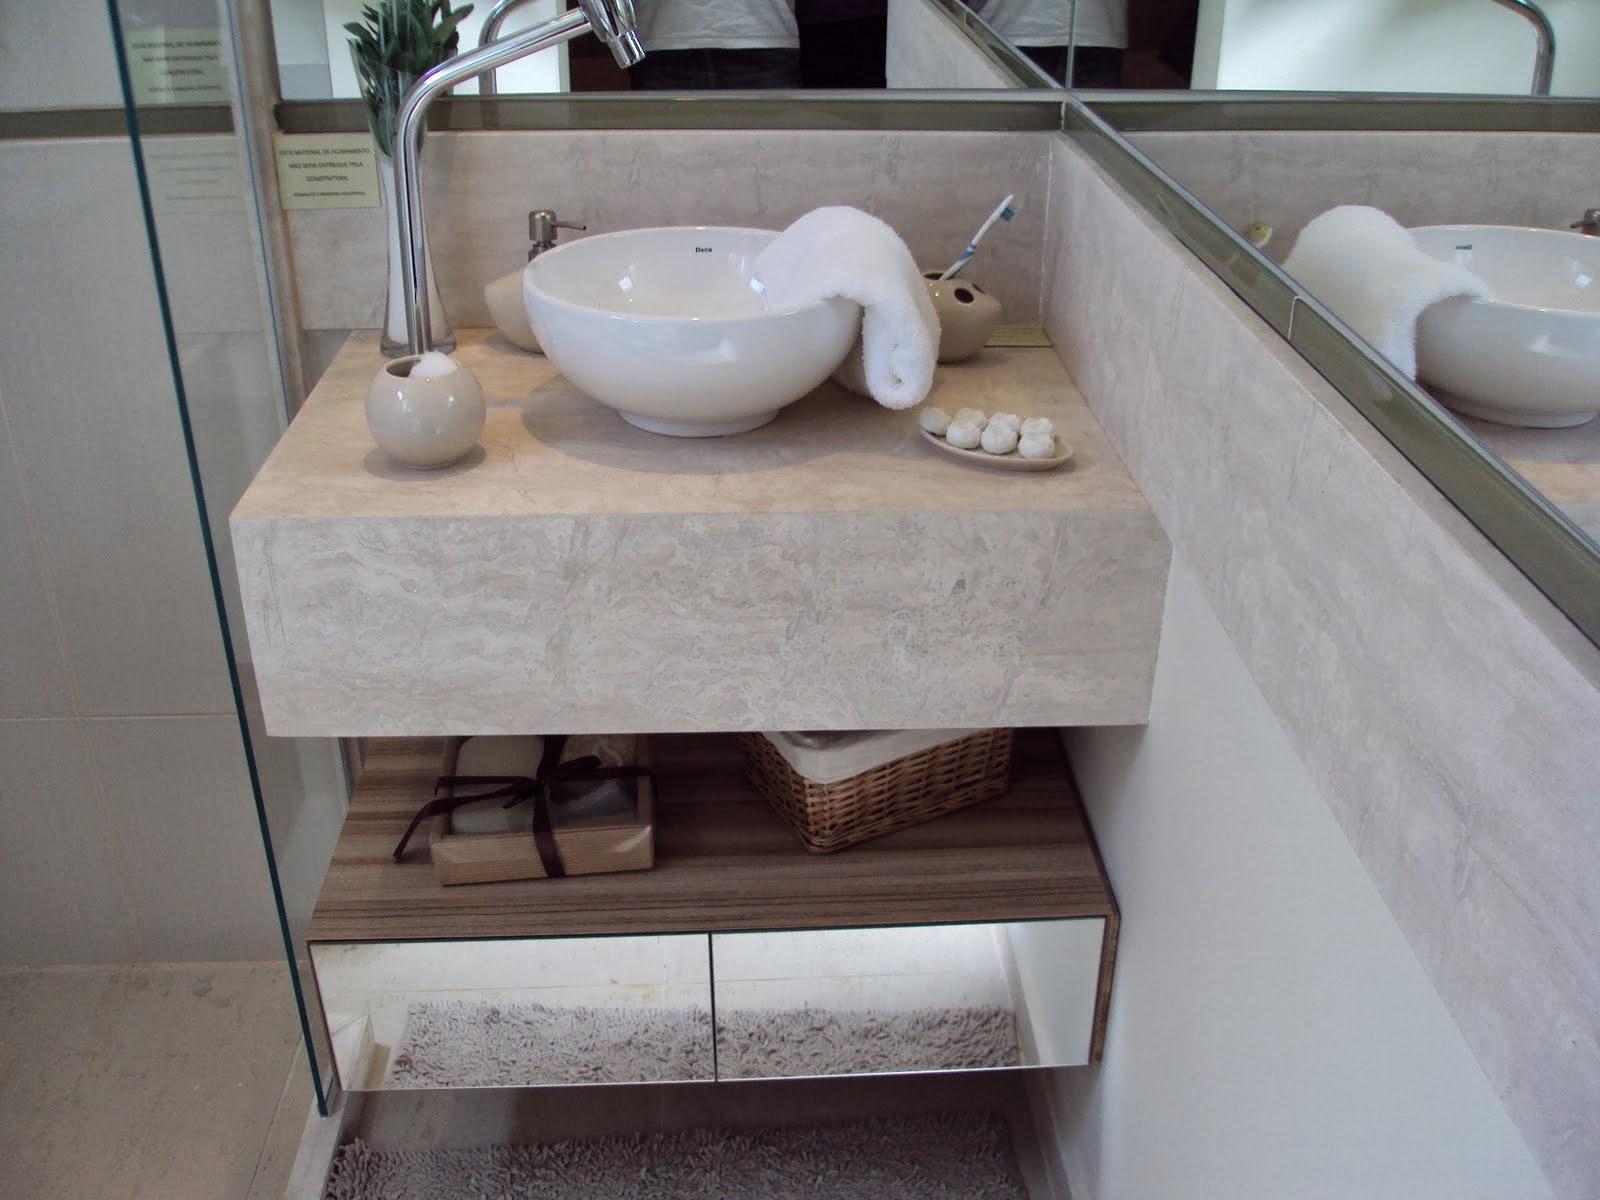 Loucos do 14!!: Laminado e bancada em mármore travertino #5D4C45 1600x1200 Bancada Banheiro Marmore Travertino